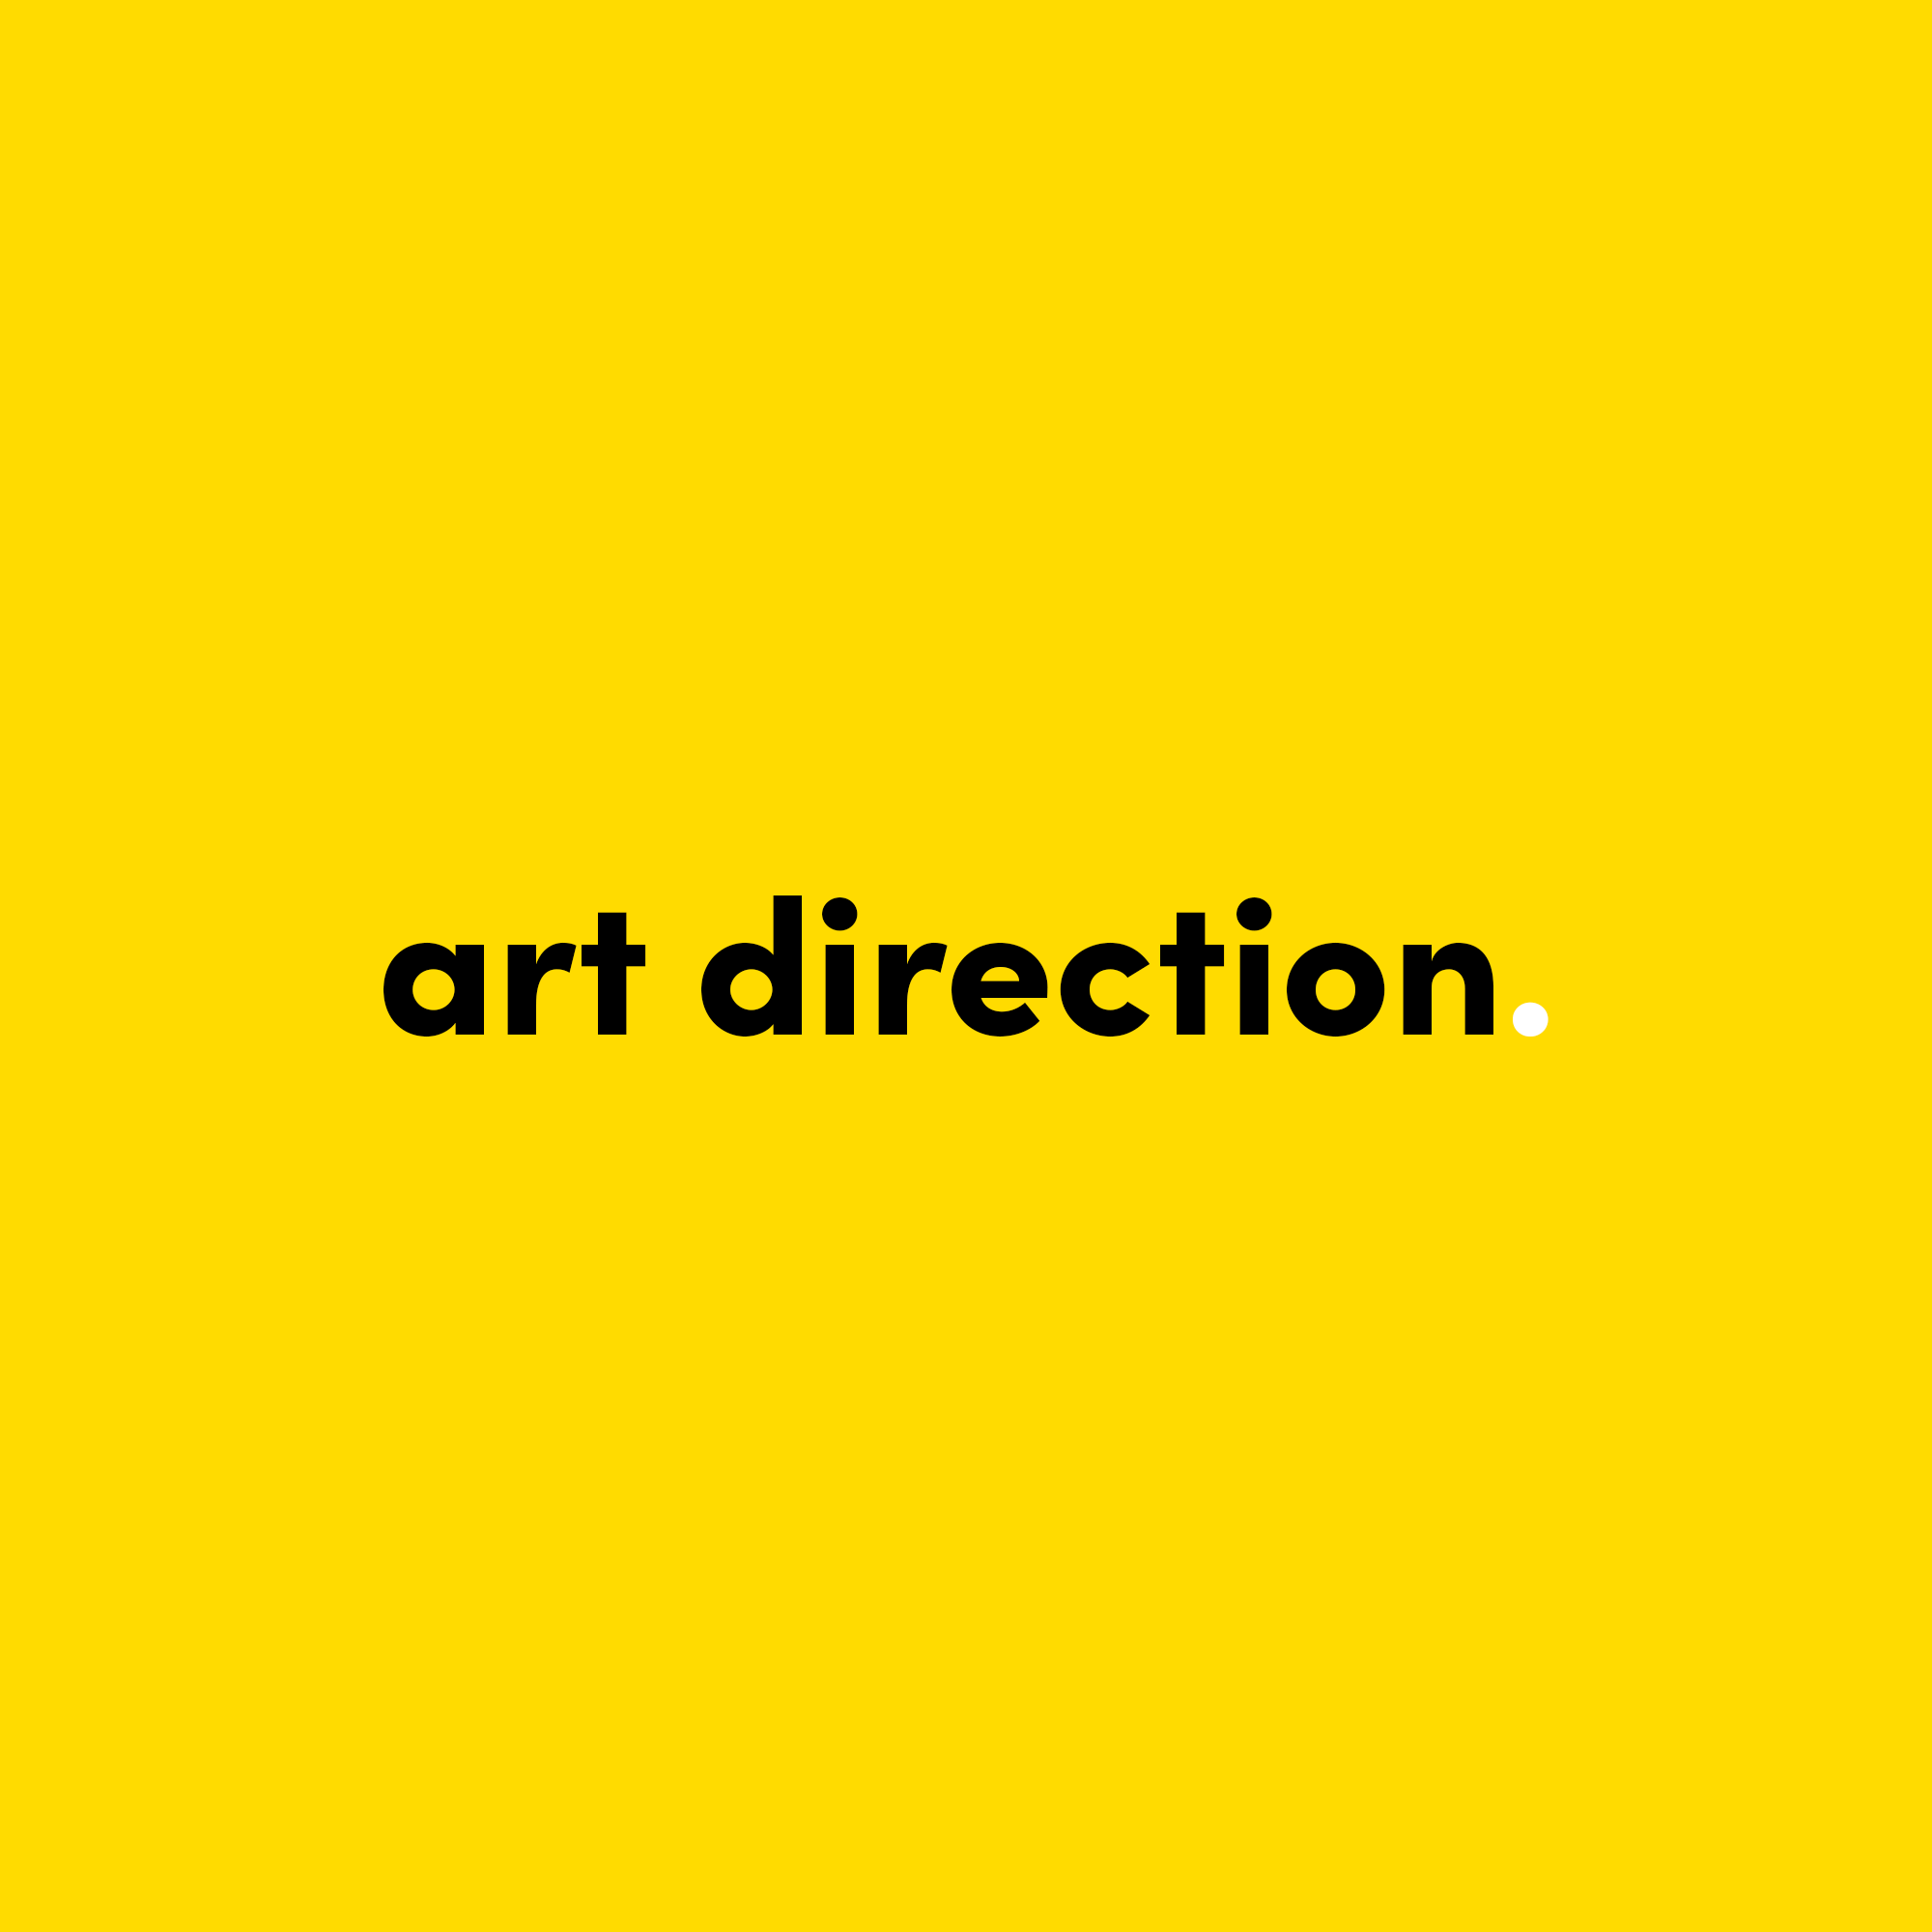 artdirection